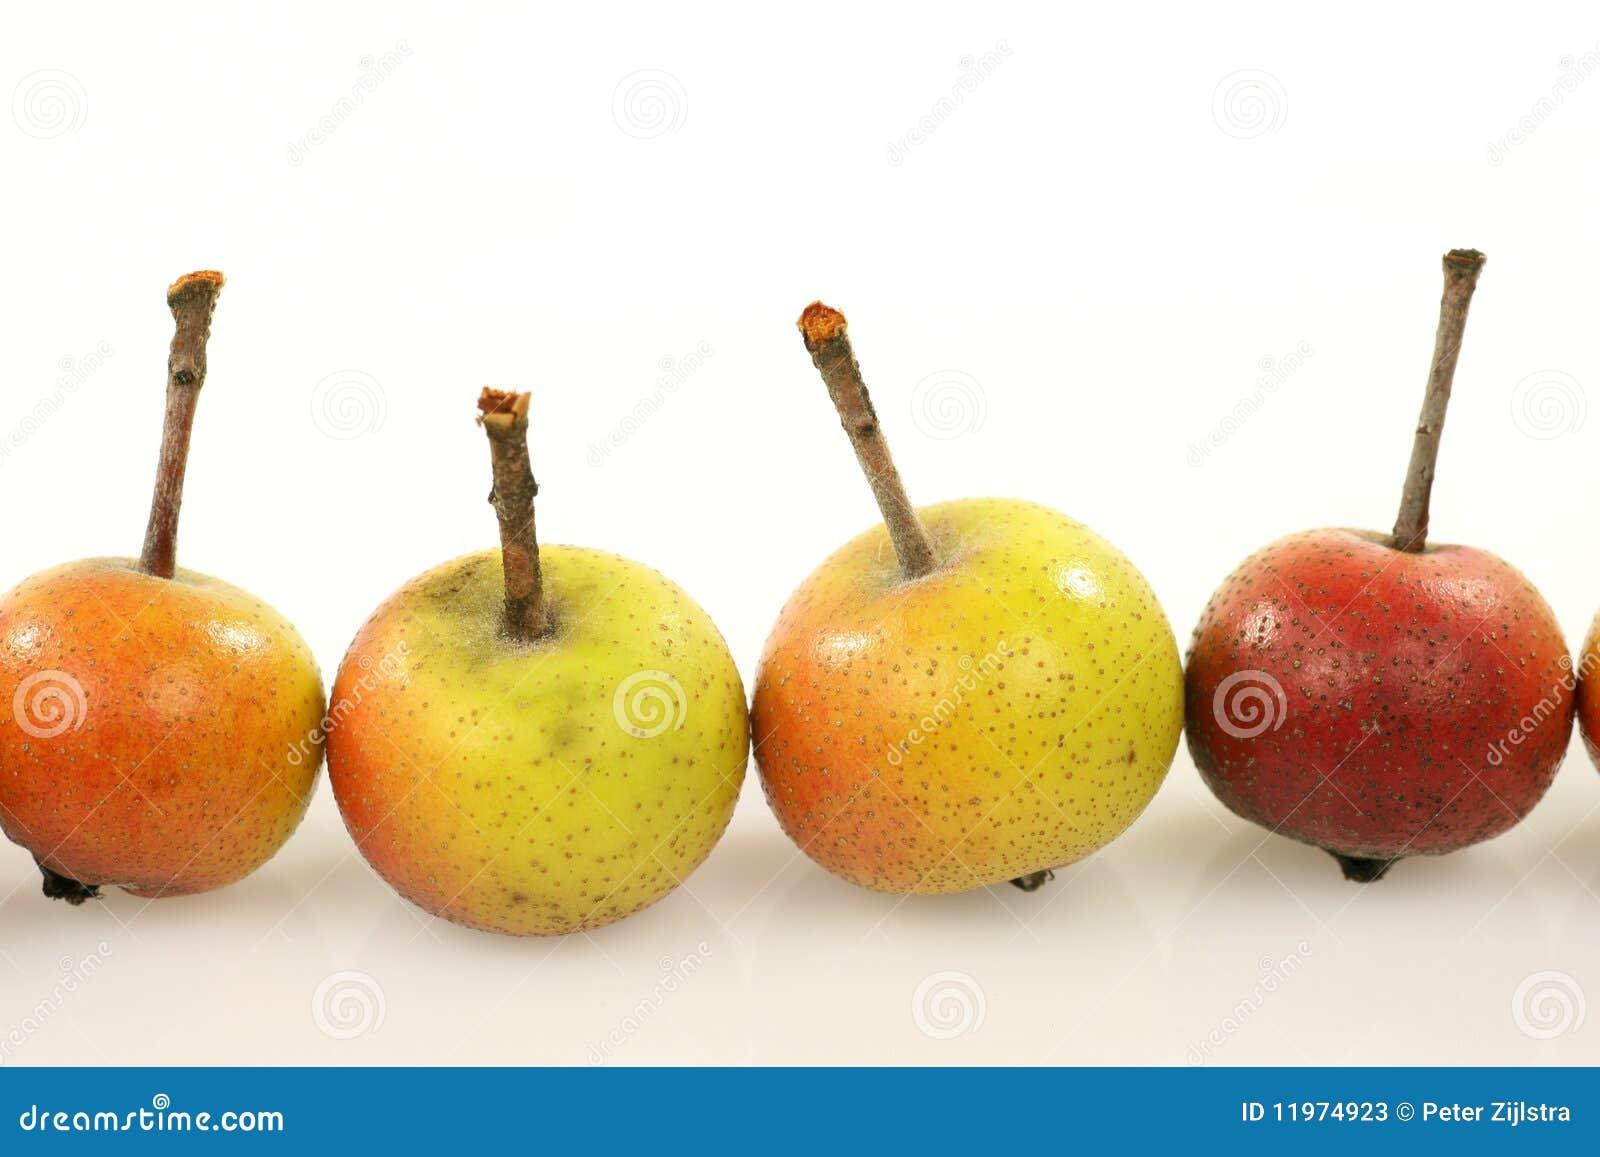 Vruchten van Malus Pumila